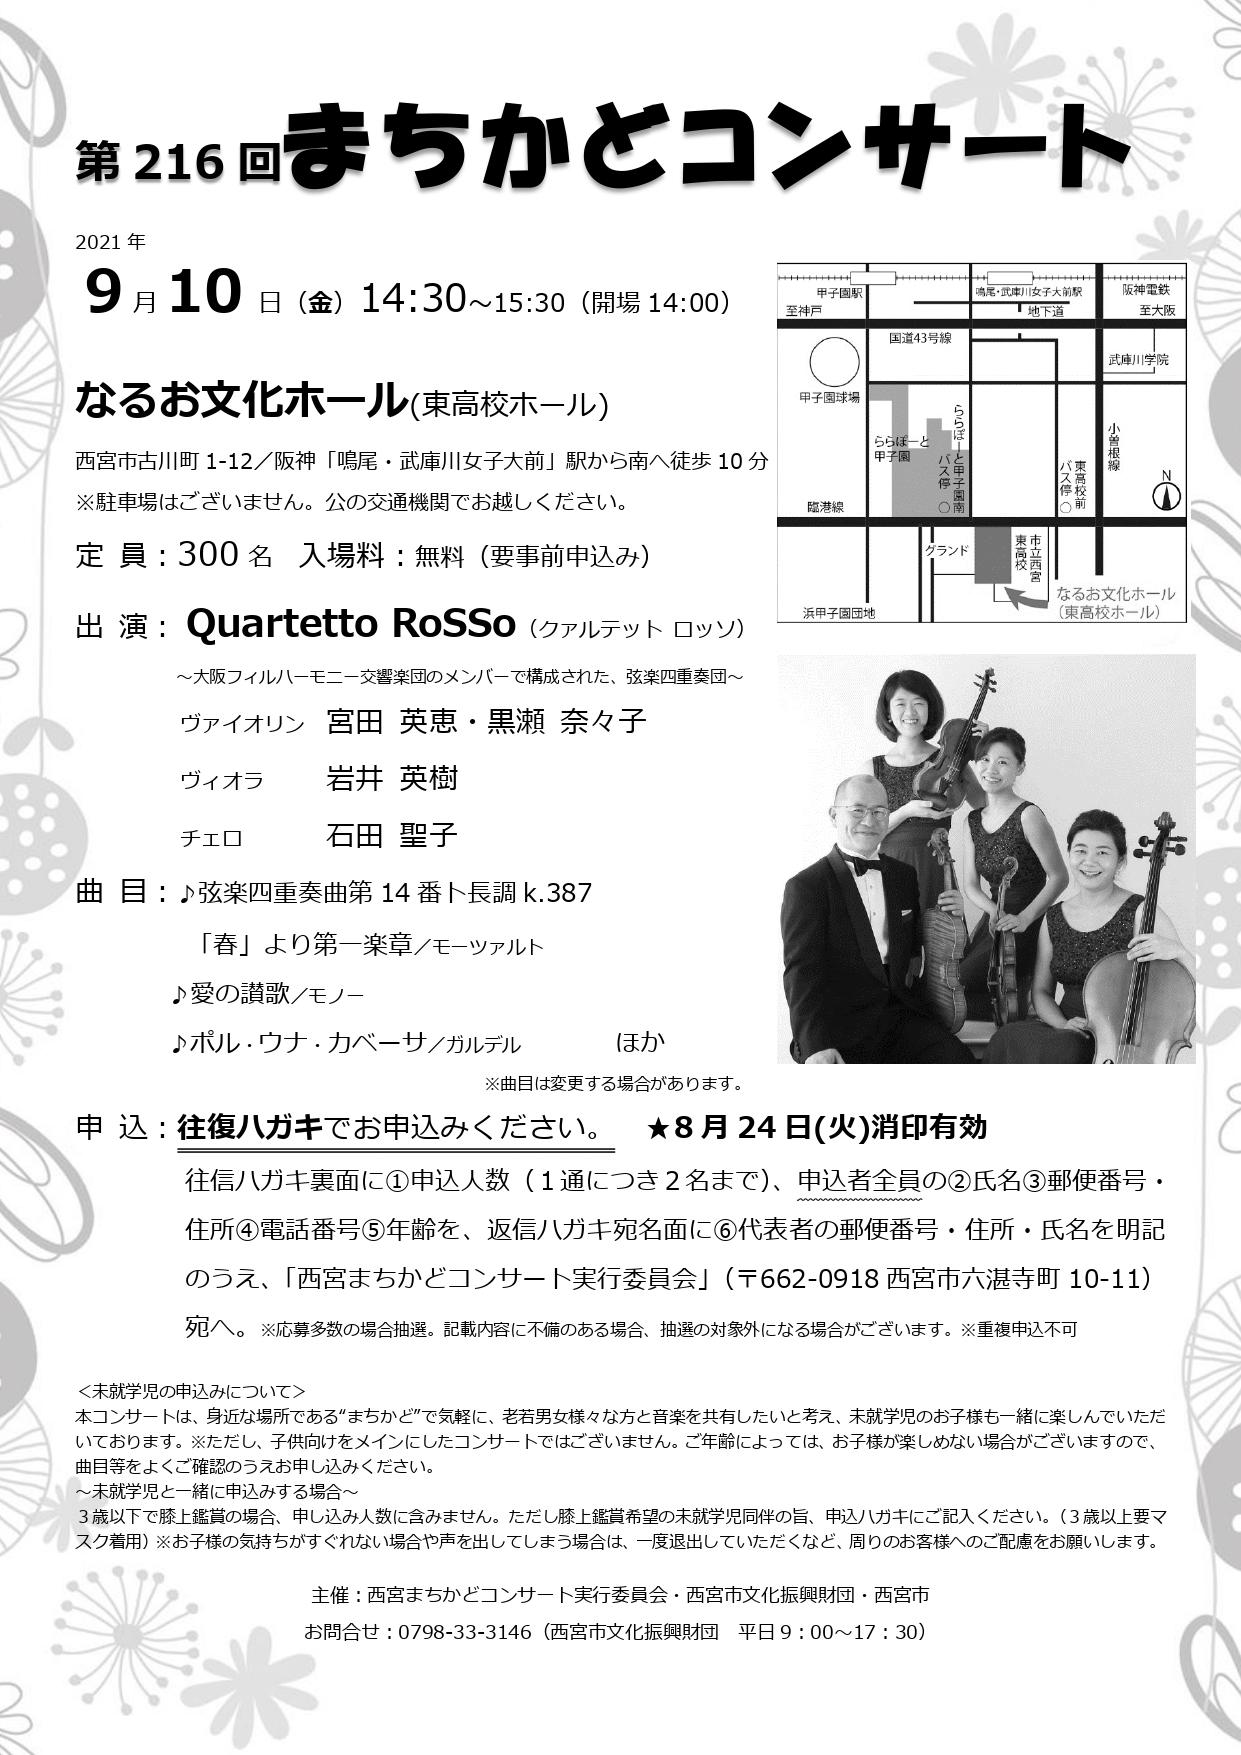 第216回まちかどコンサート【8月31日(火)まで申込受付延長中】